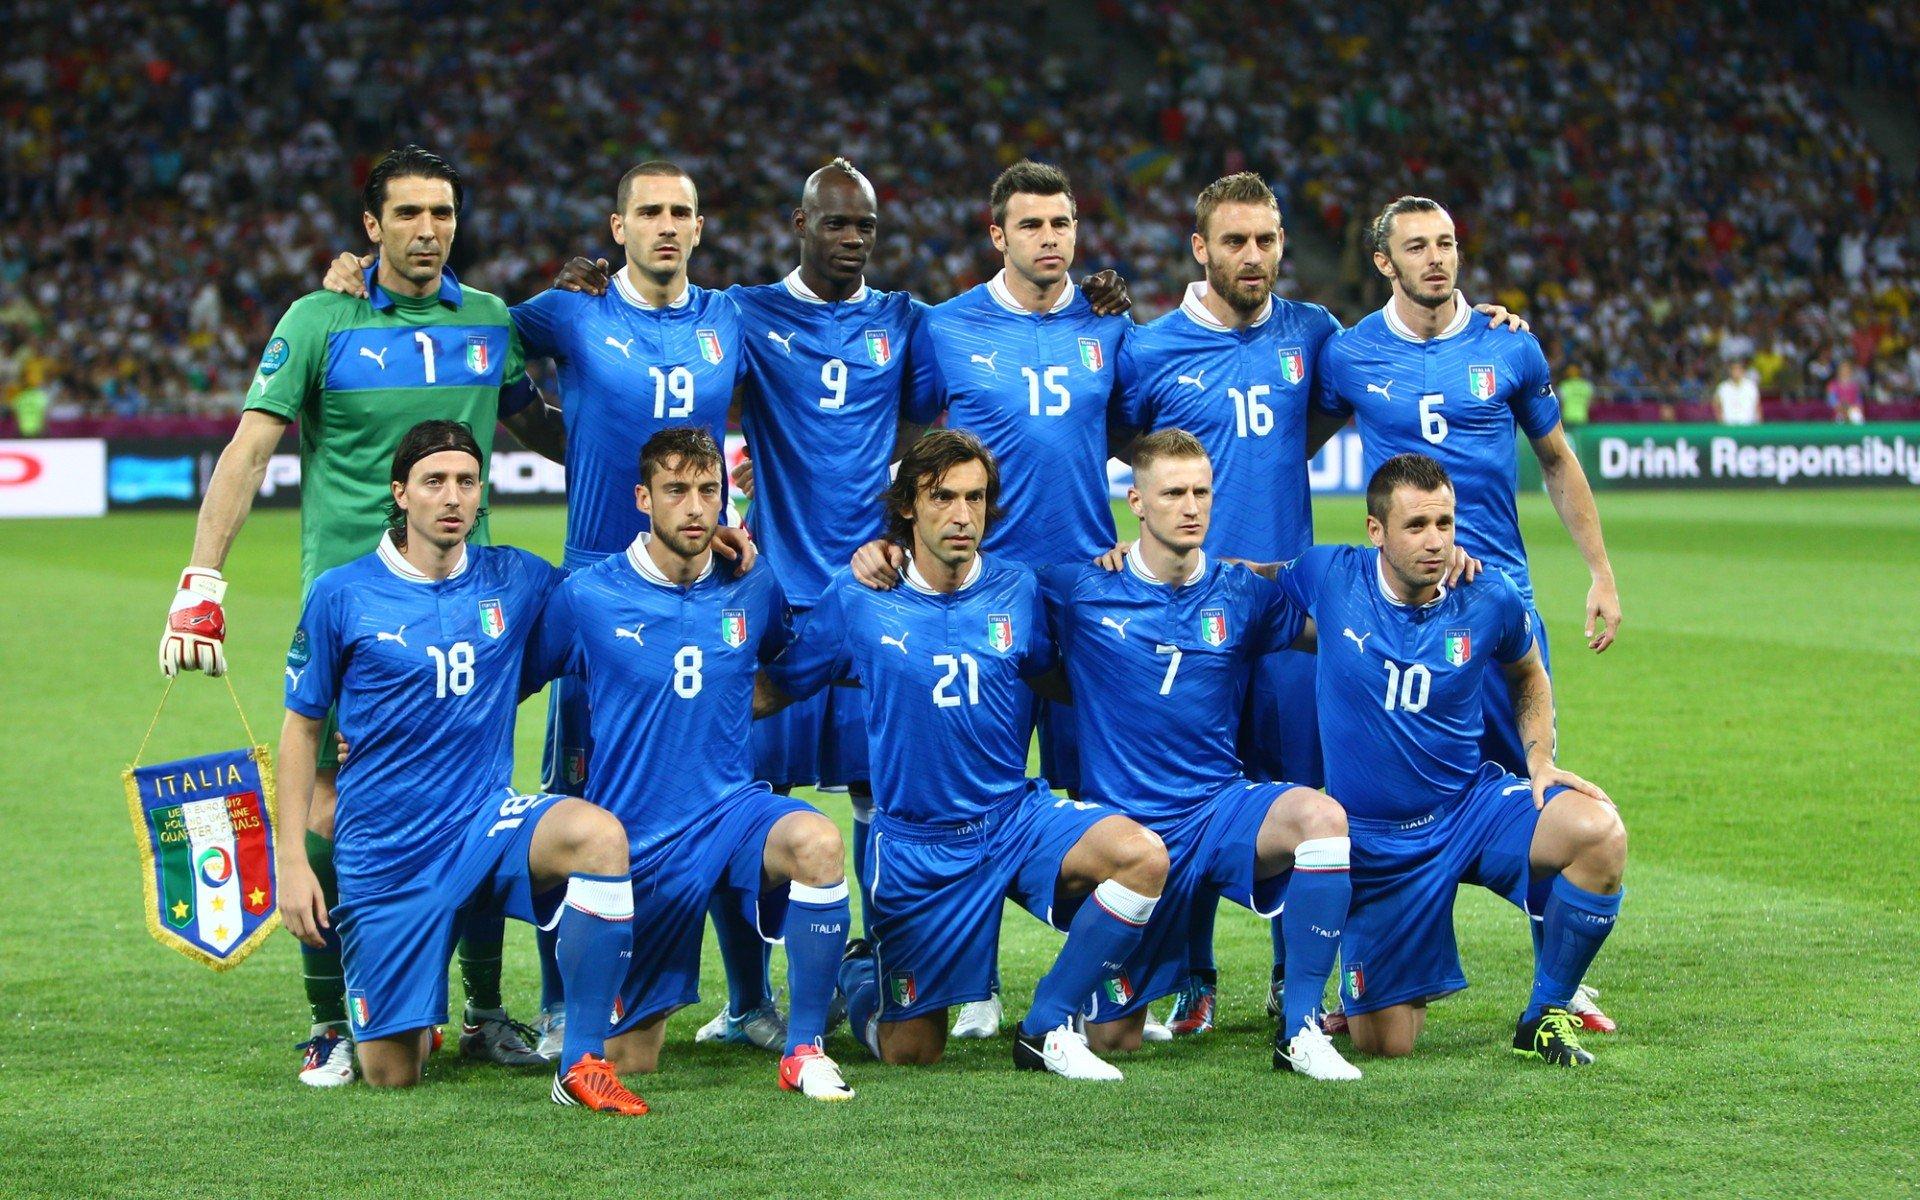 того футболисты сборной италии фото включает